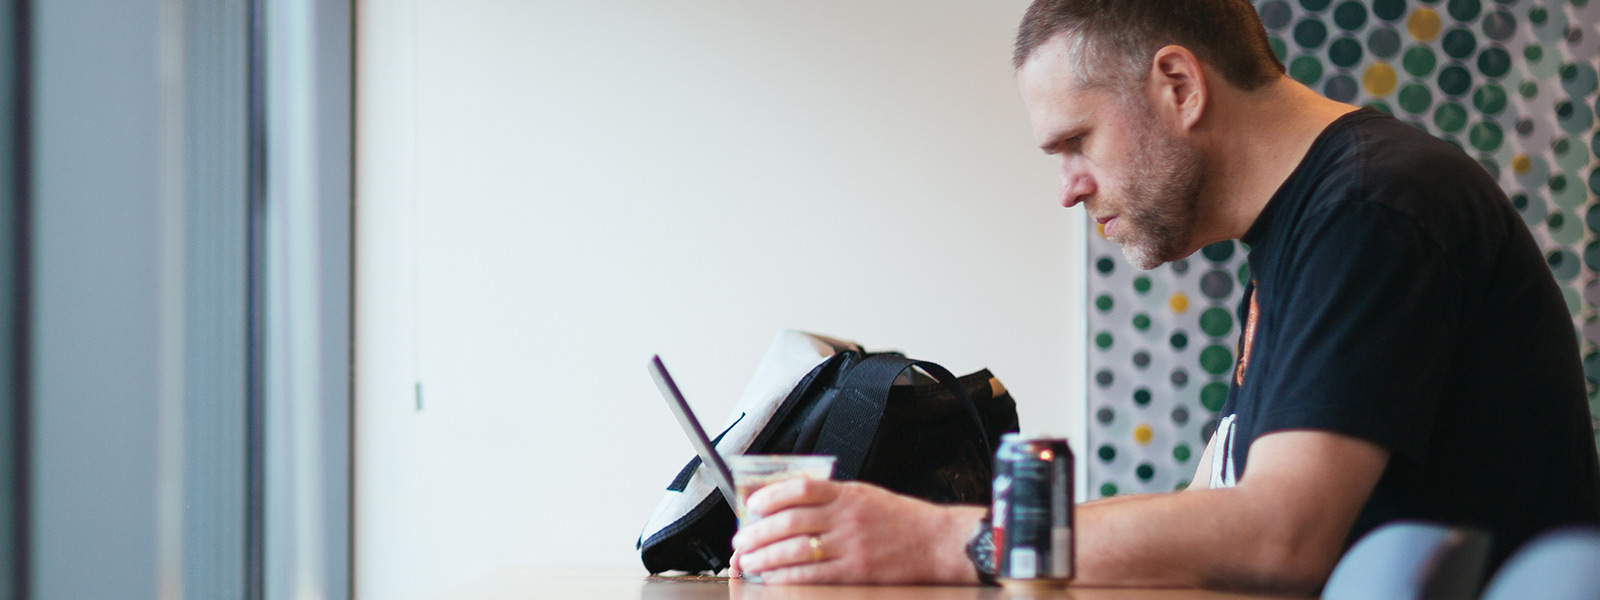 Pöydän ääressä istuva mies työskentelemässä Windows 10 -tietokoneen kanssa